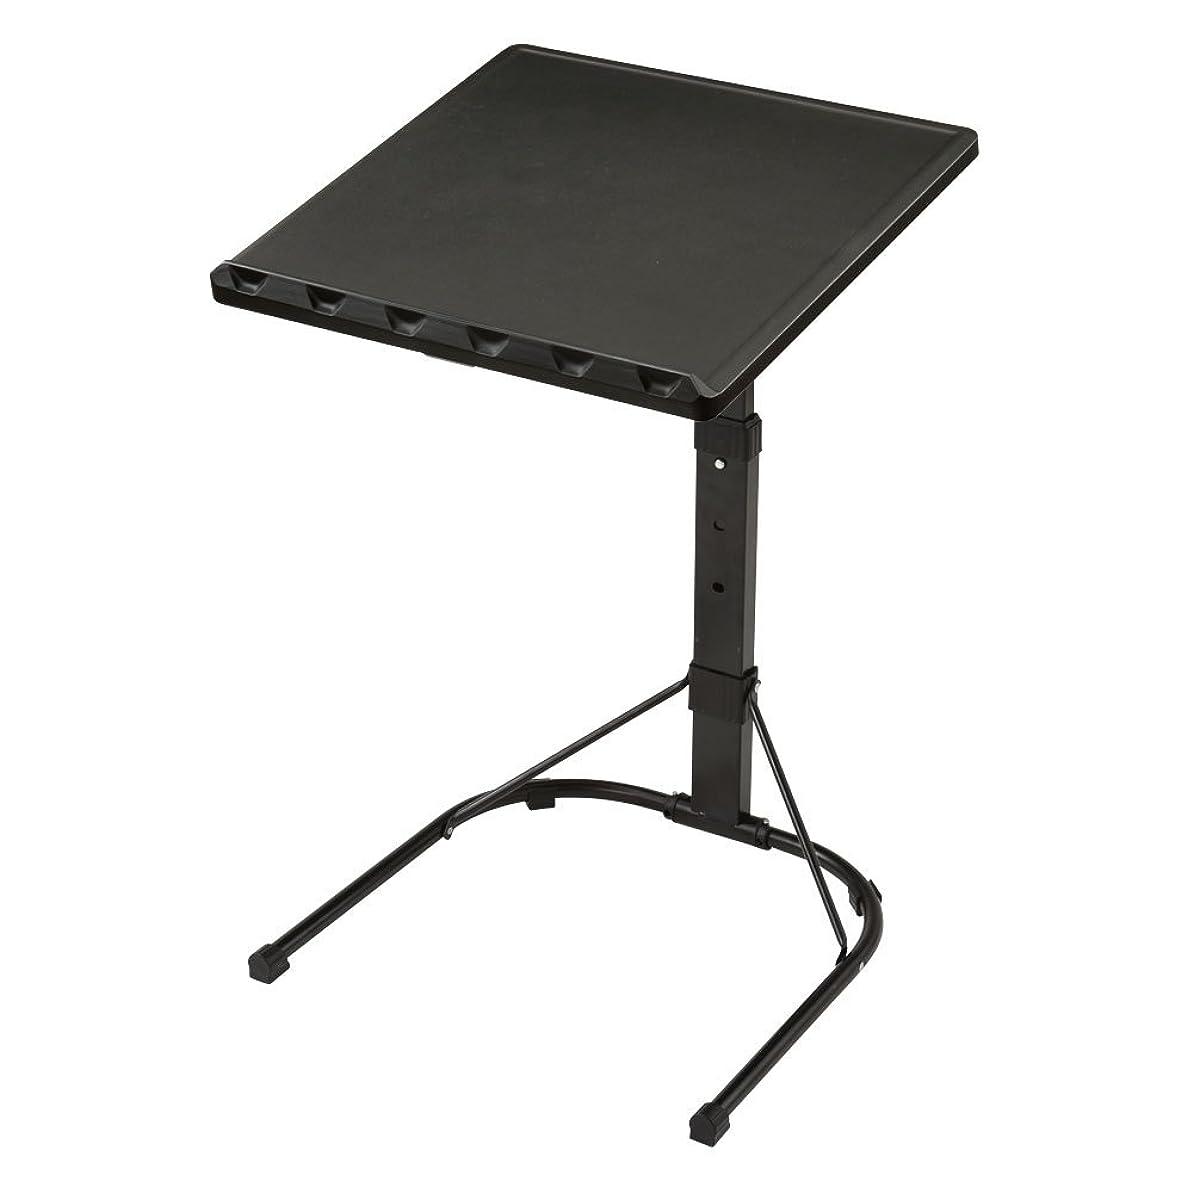 リーズ生活仕事ぼん家具 サイドテーブル 折りたたみ 3段階高さ調節 ナイトテーブル デスク ソファ 机 ブラック